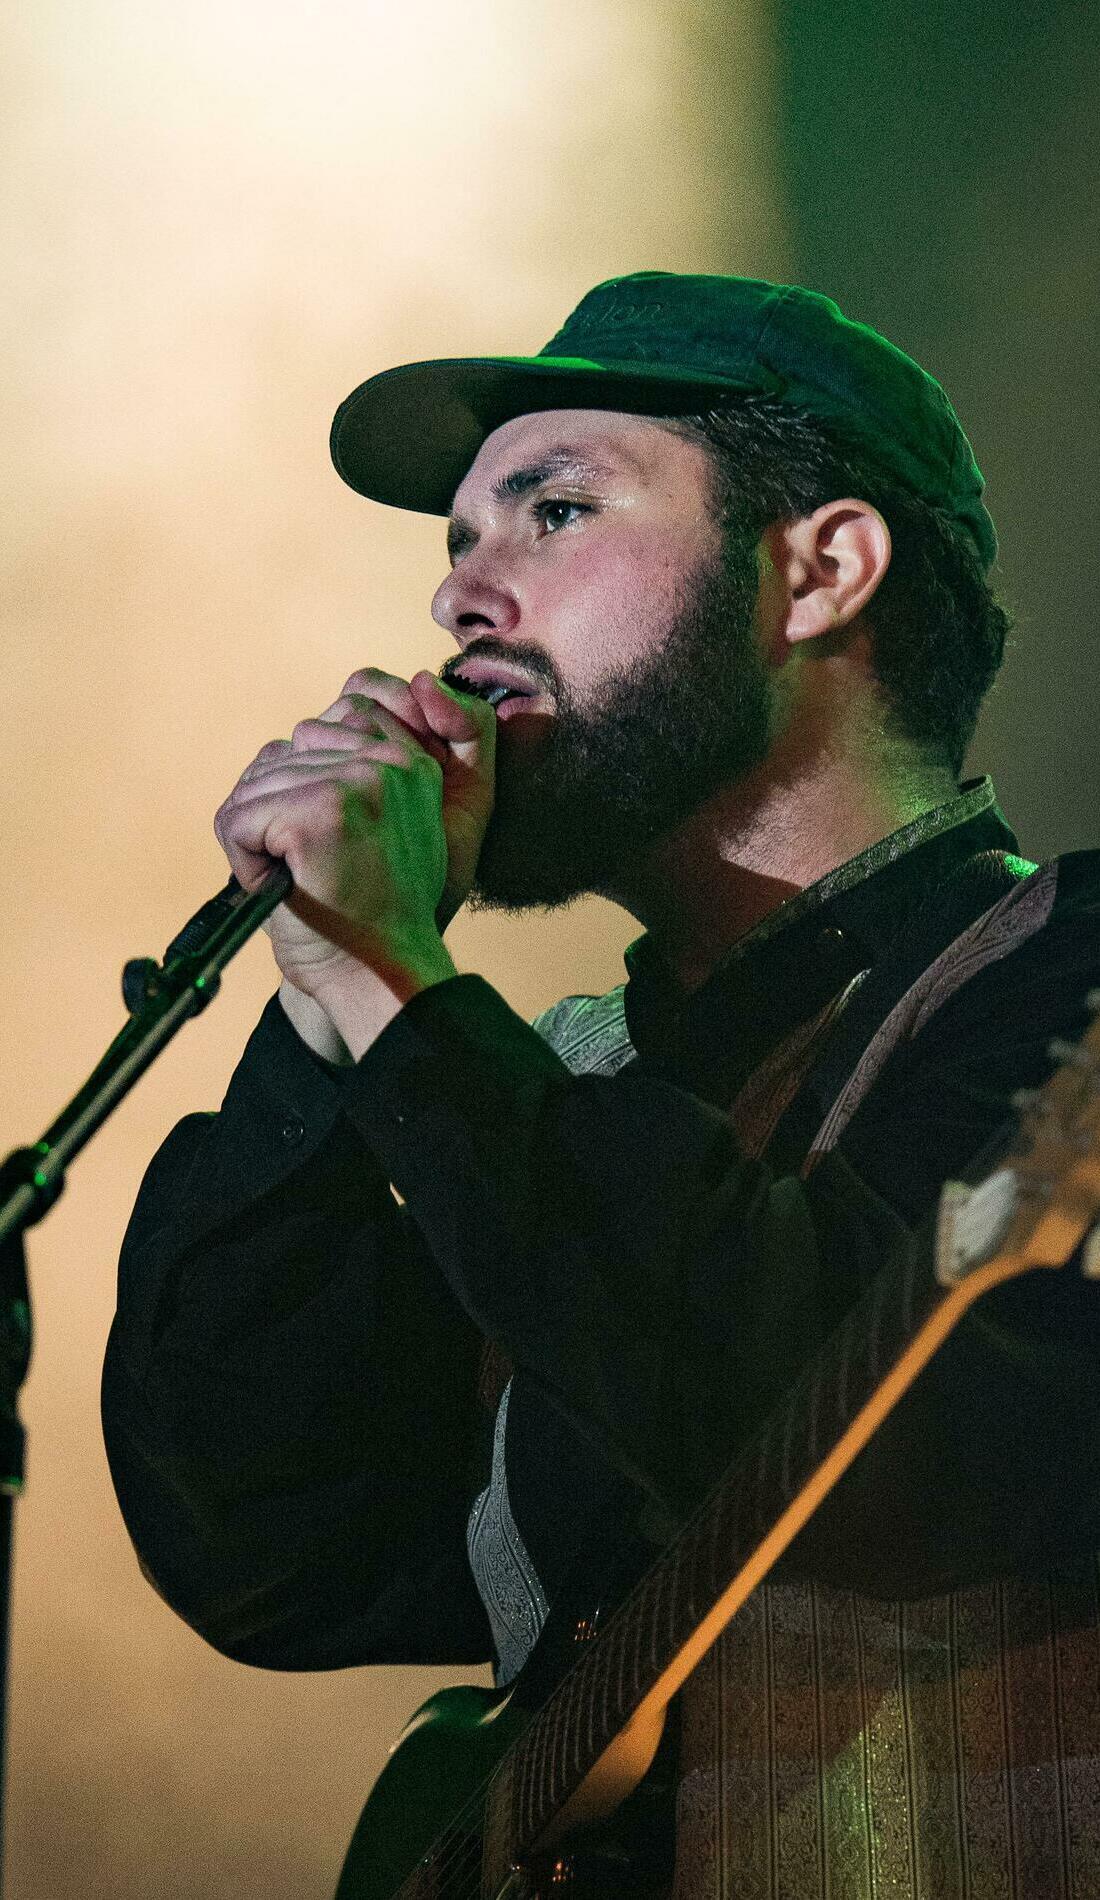 A Nick Hakim live event